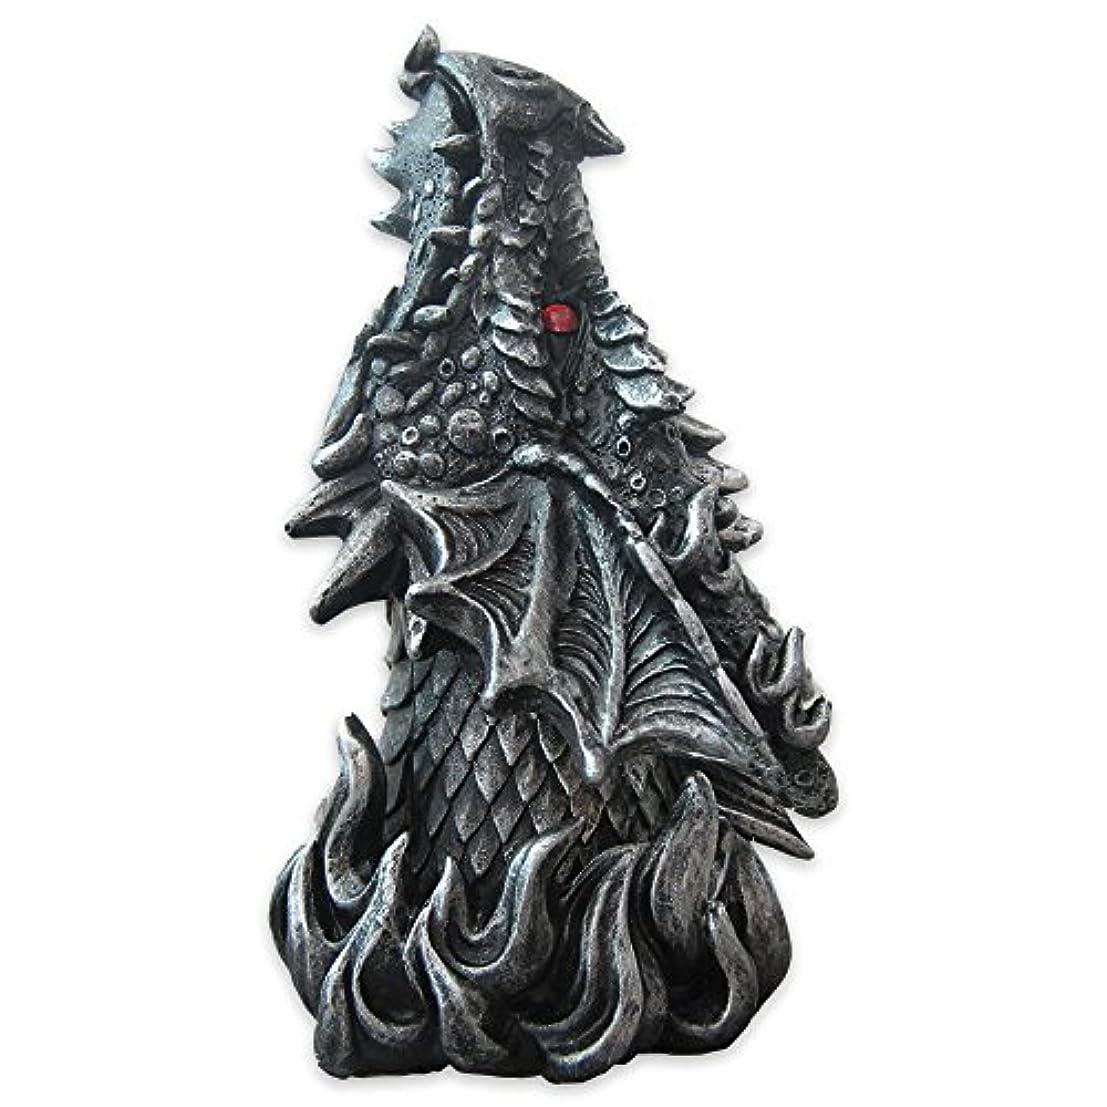 匹敵します大きい苛性Dragon Figure Cone Incense Burner Fiery Eyes - Gothic Smoke Breathing Decor